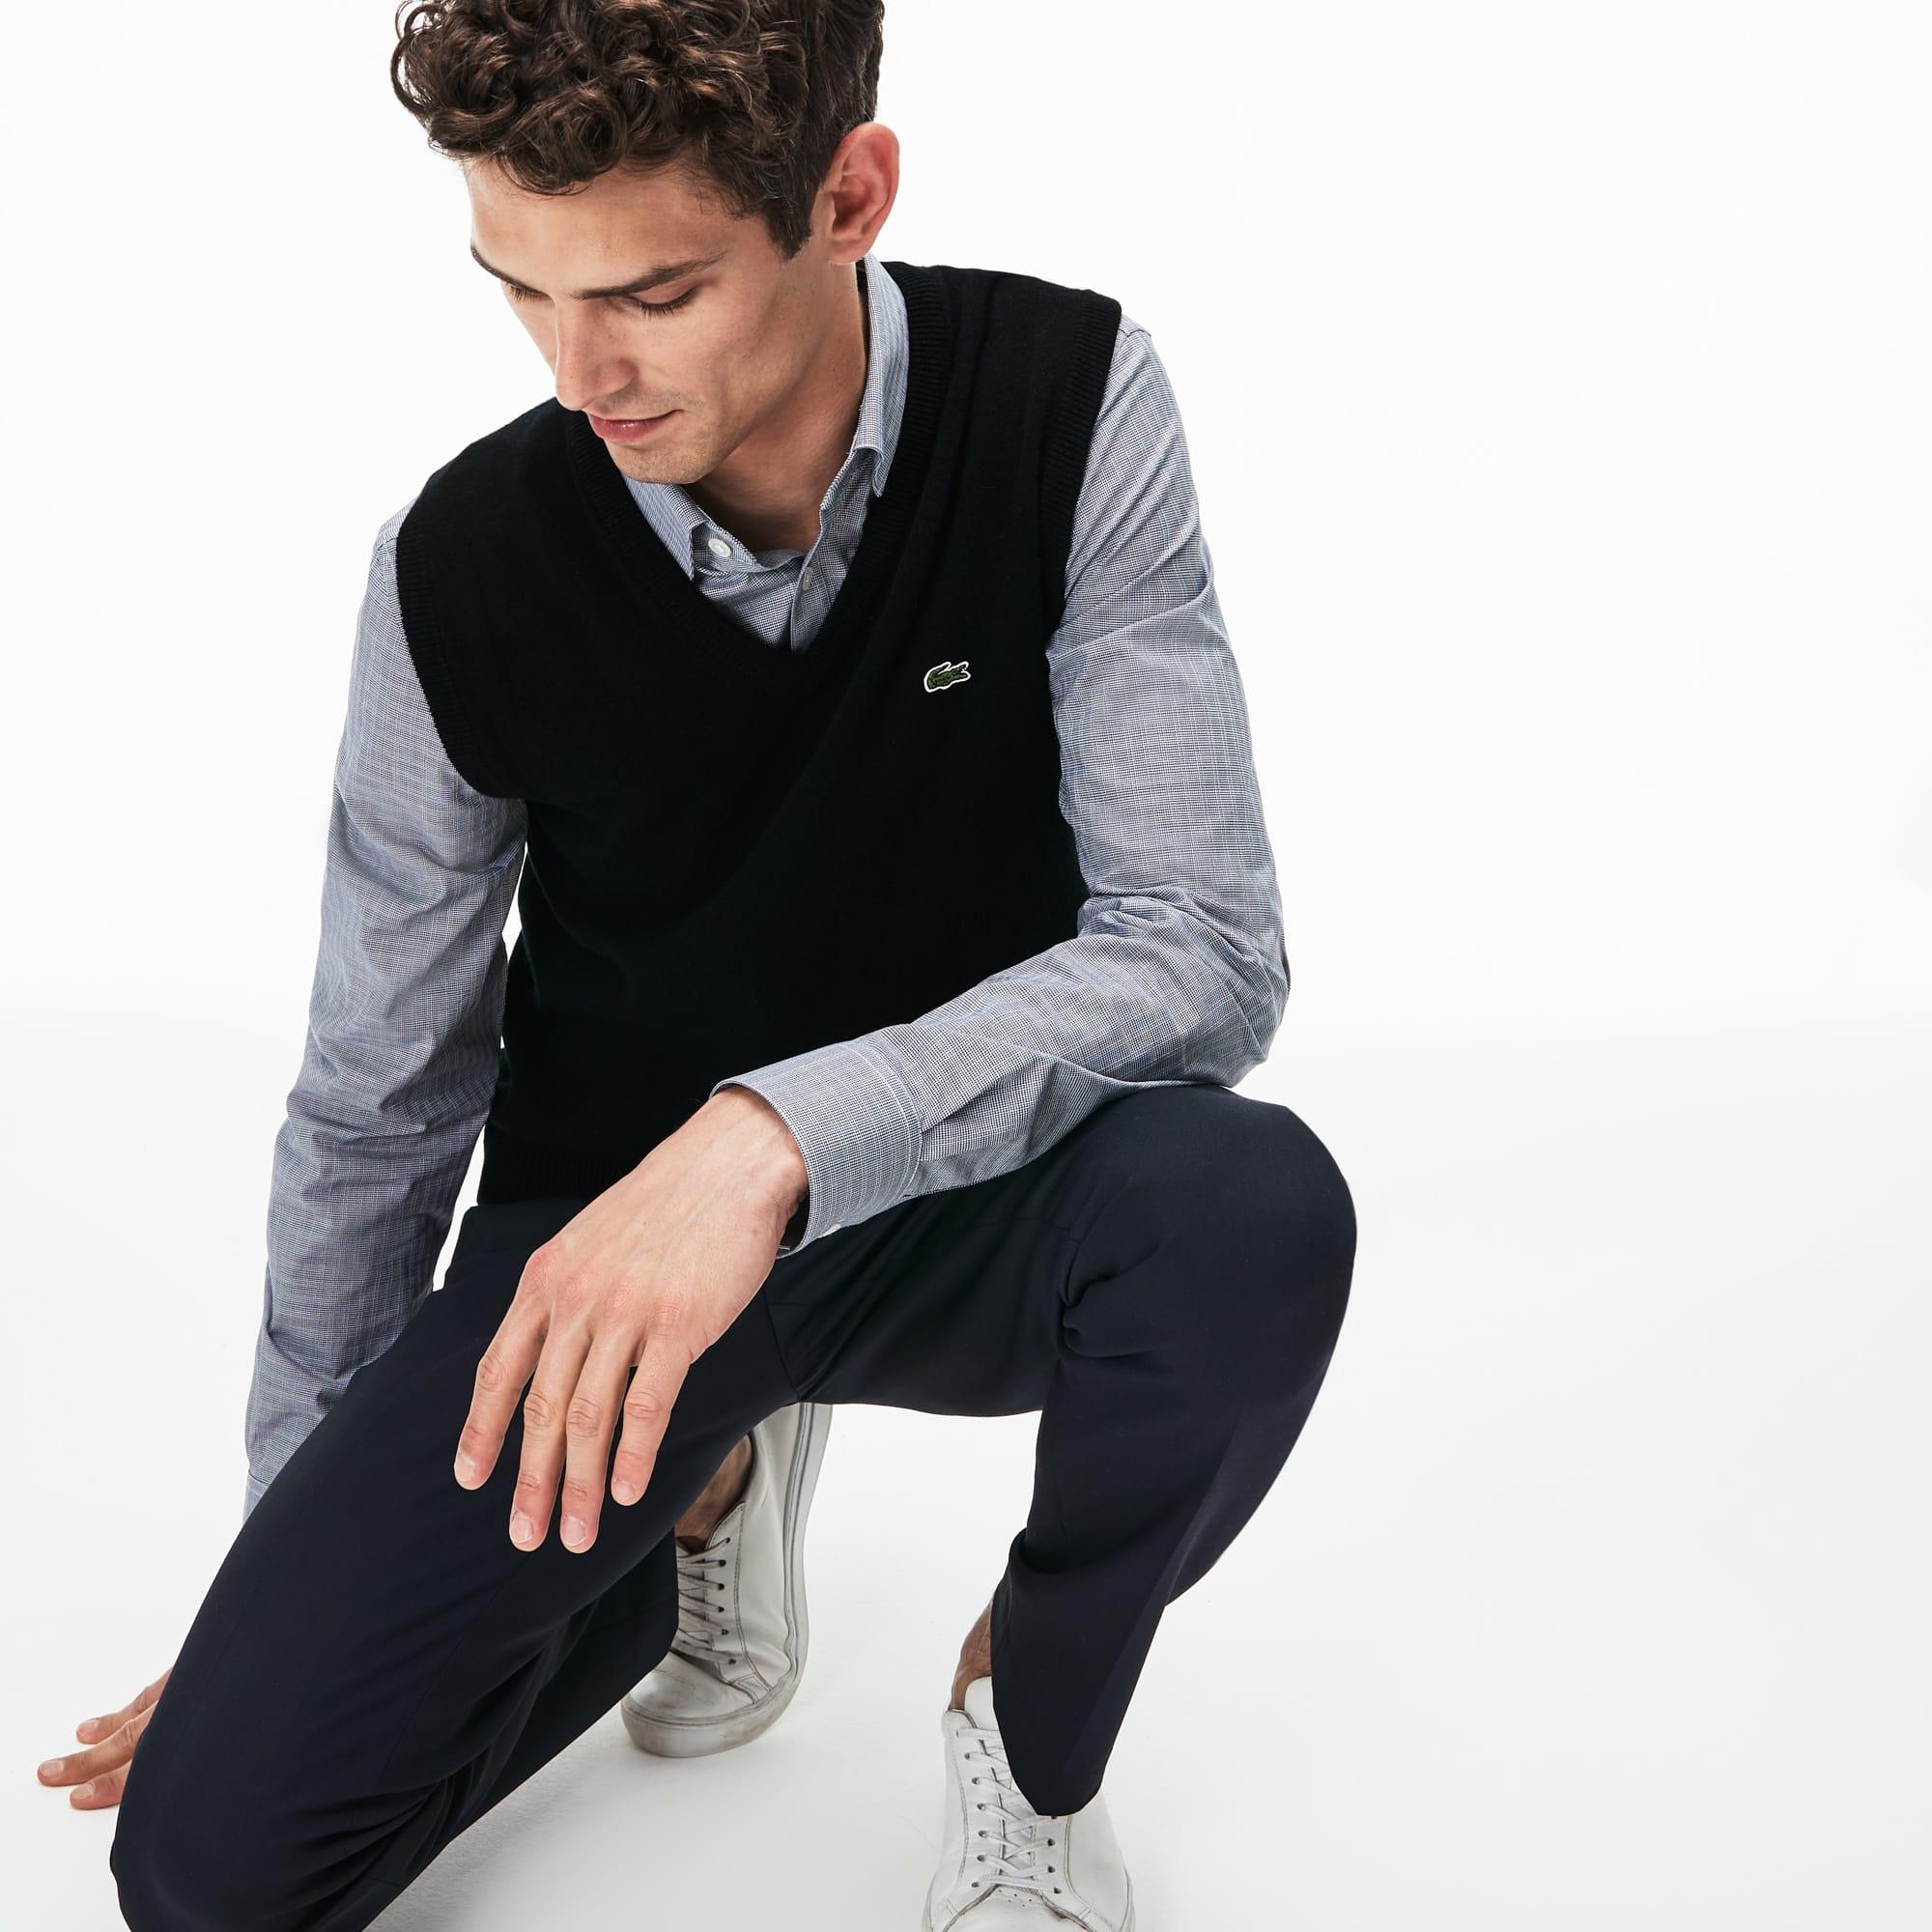 Camisola decote em V sem mangas em jersey de lã unicolor